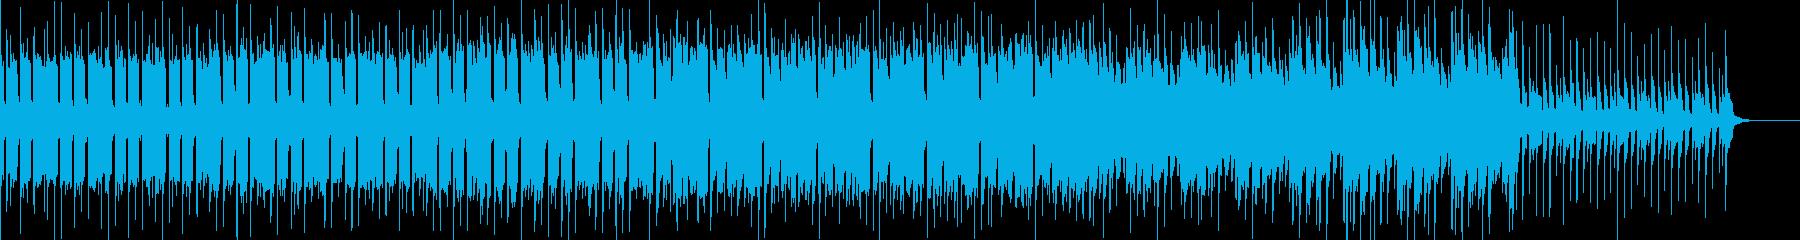 コミカルで軽快な日常系ほのぼのBGMの再生済みの波形